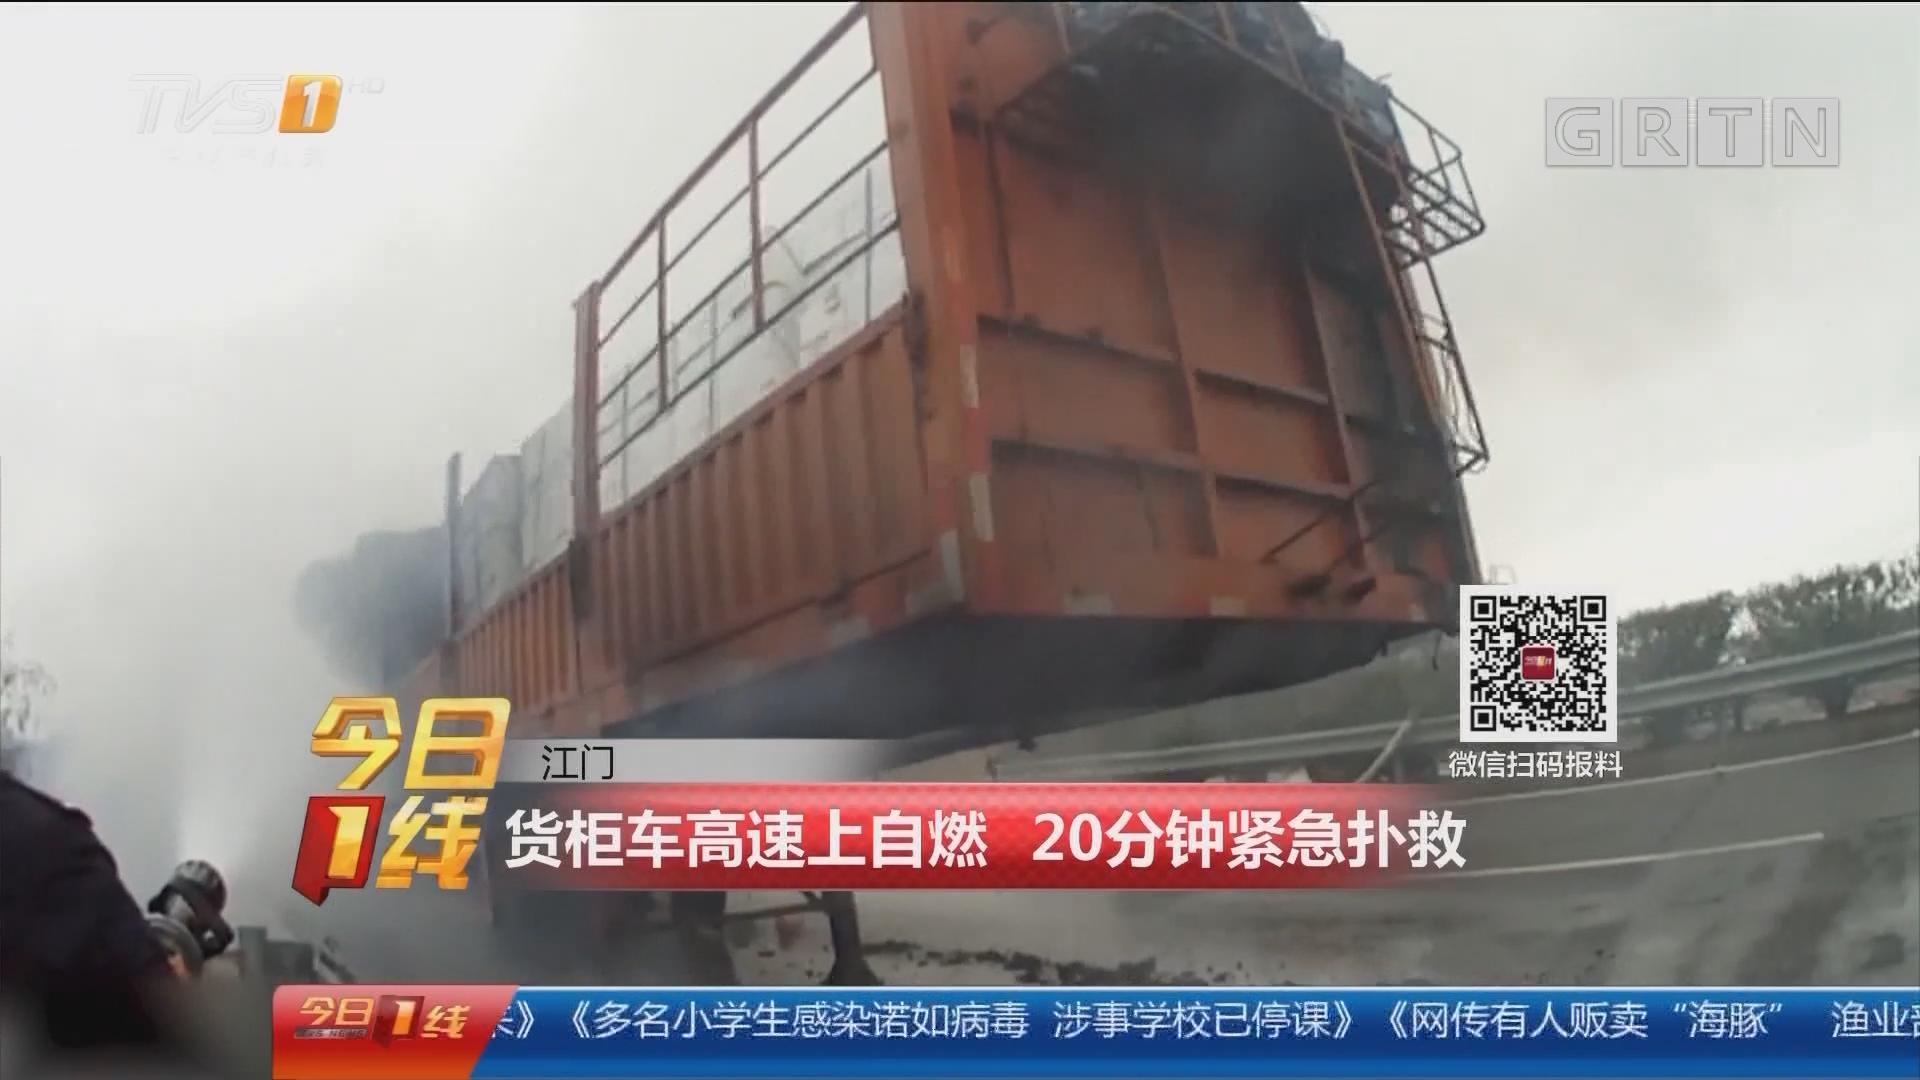 江门:货柜车高速上自燃 20分钟紧急扑救